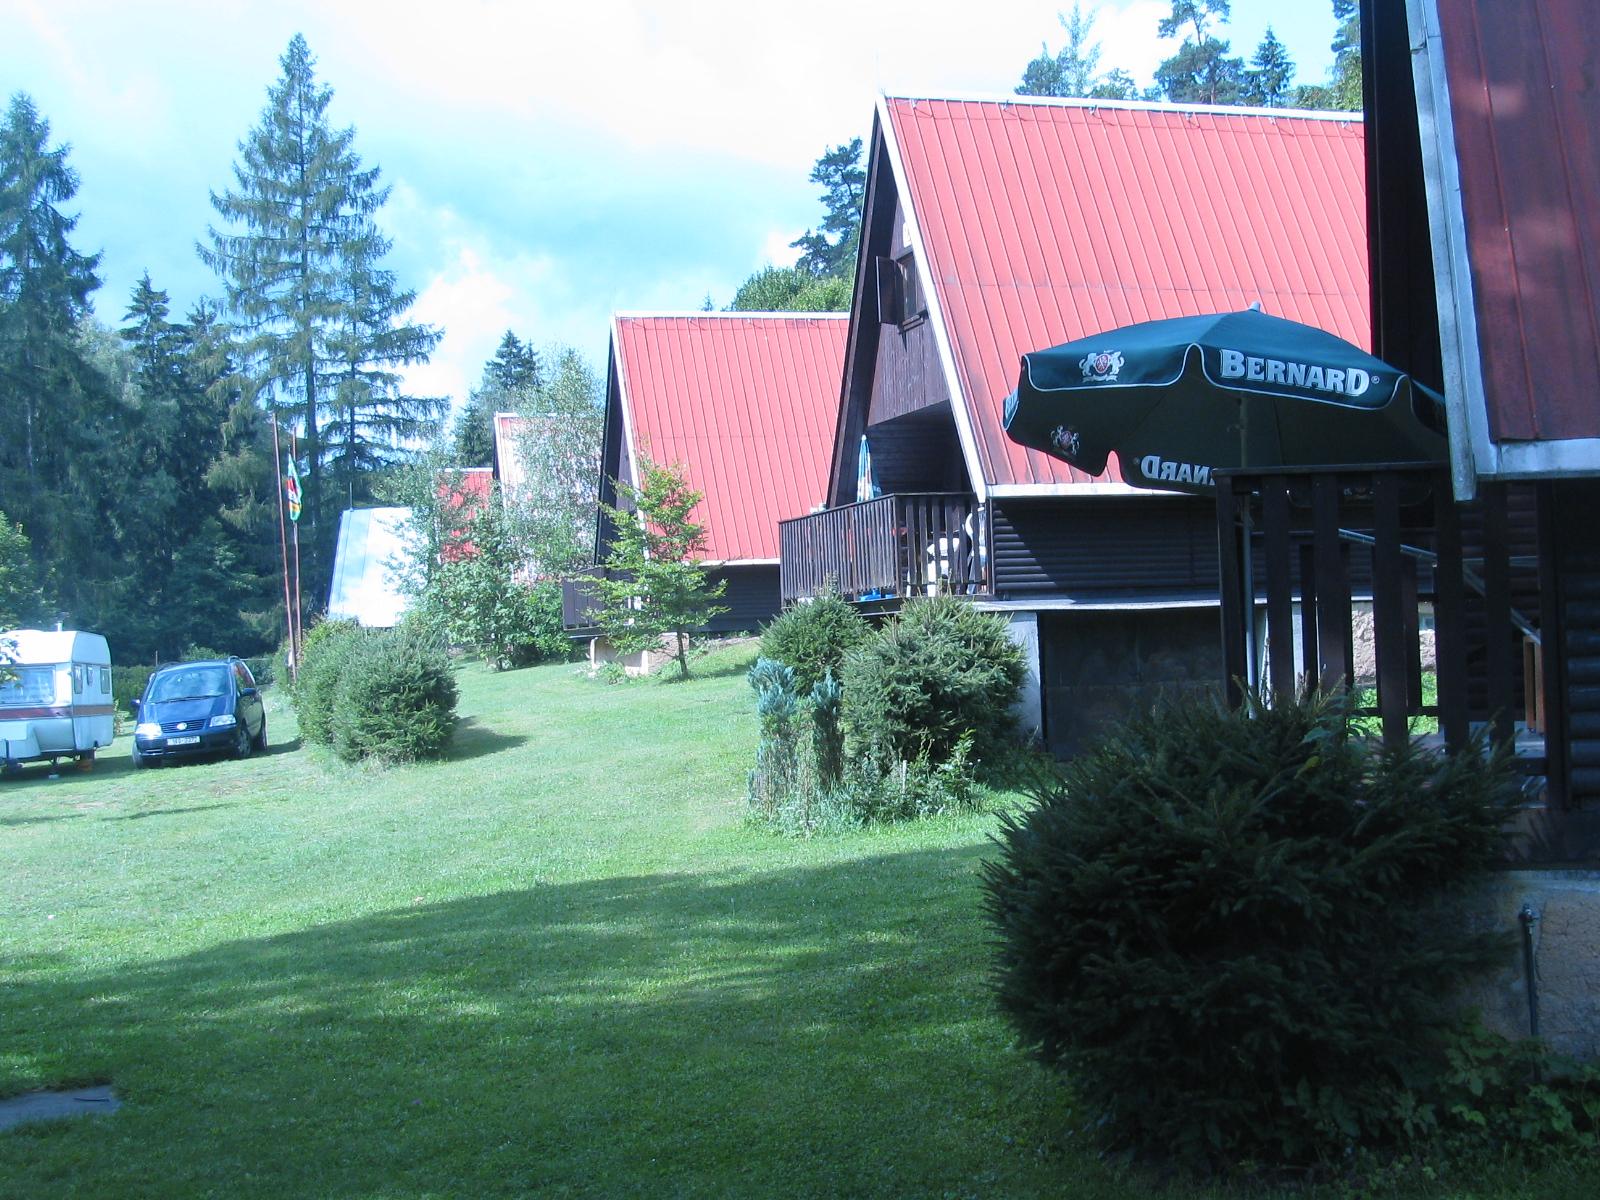 http://www.kempy-chaty.cz/sites/default/files/turistika/img_0030_14.jpg